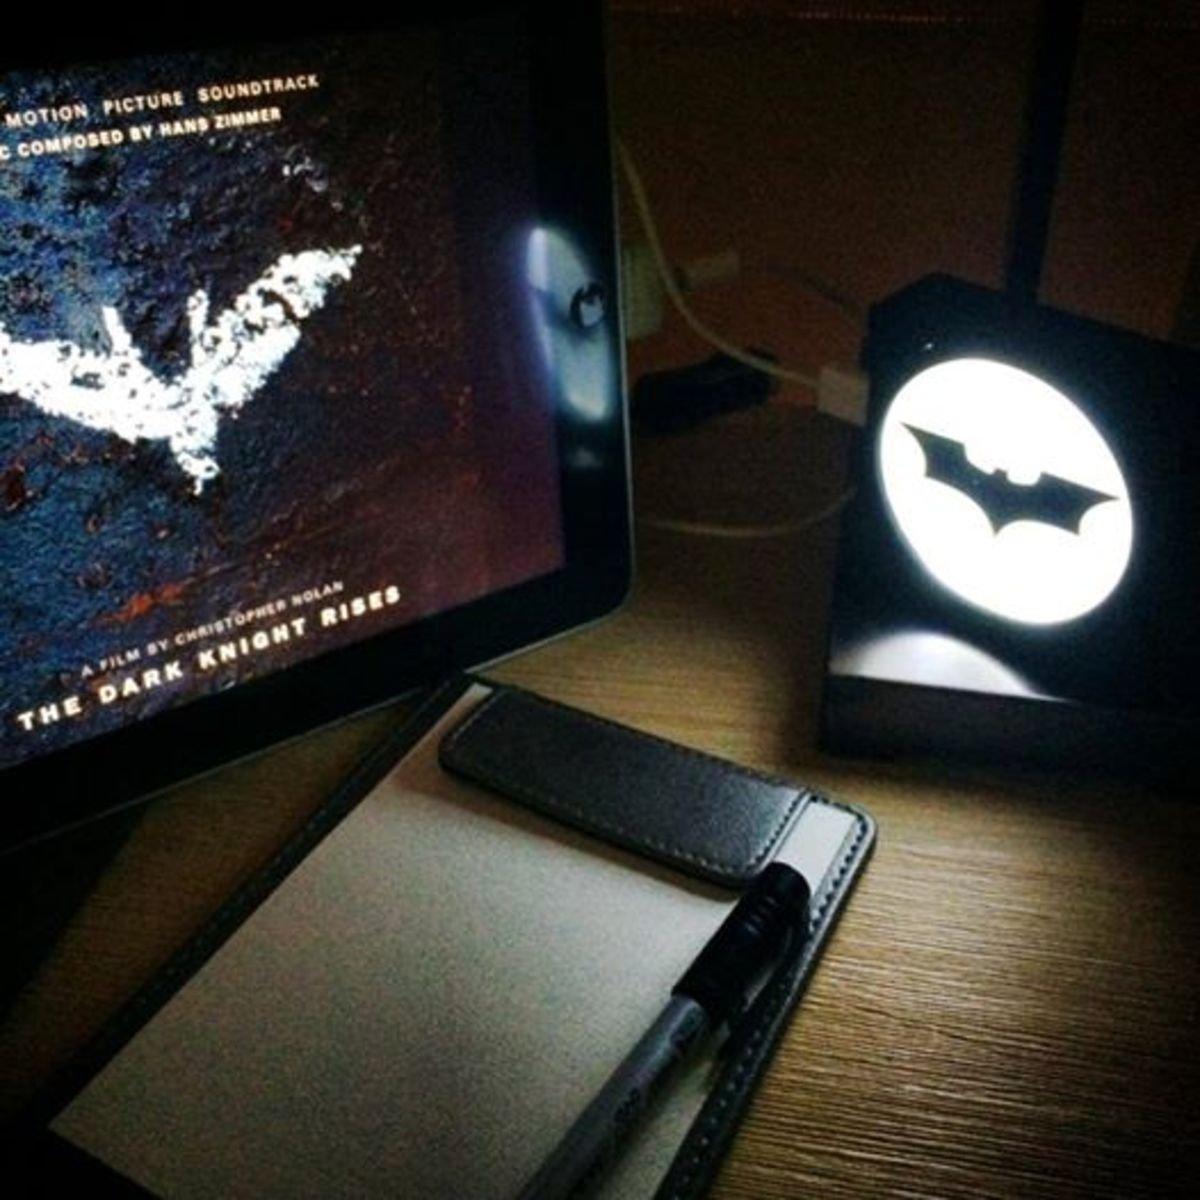 Batman 5000mAh light power block